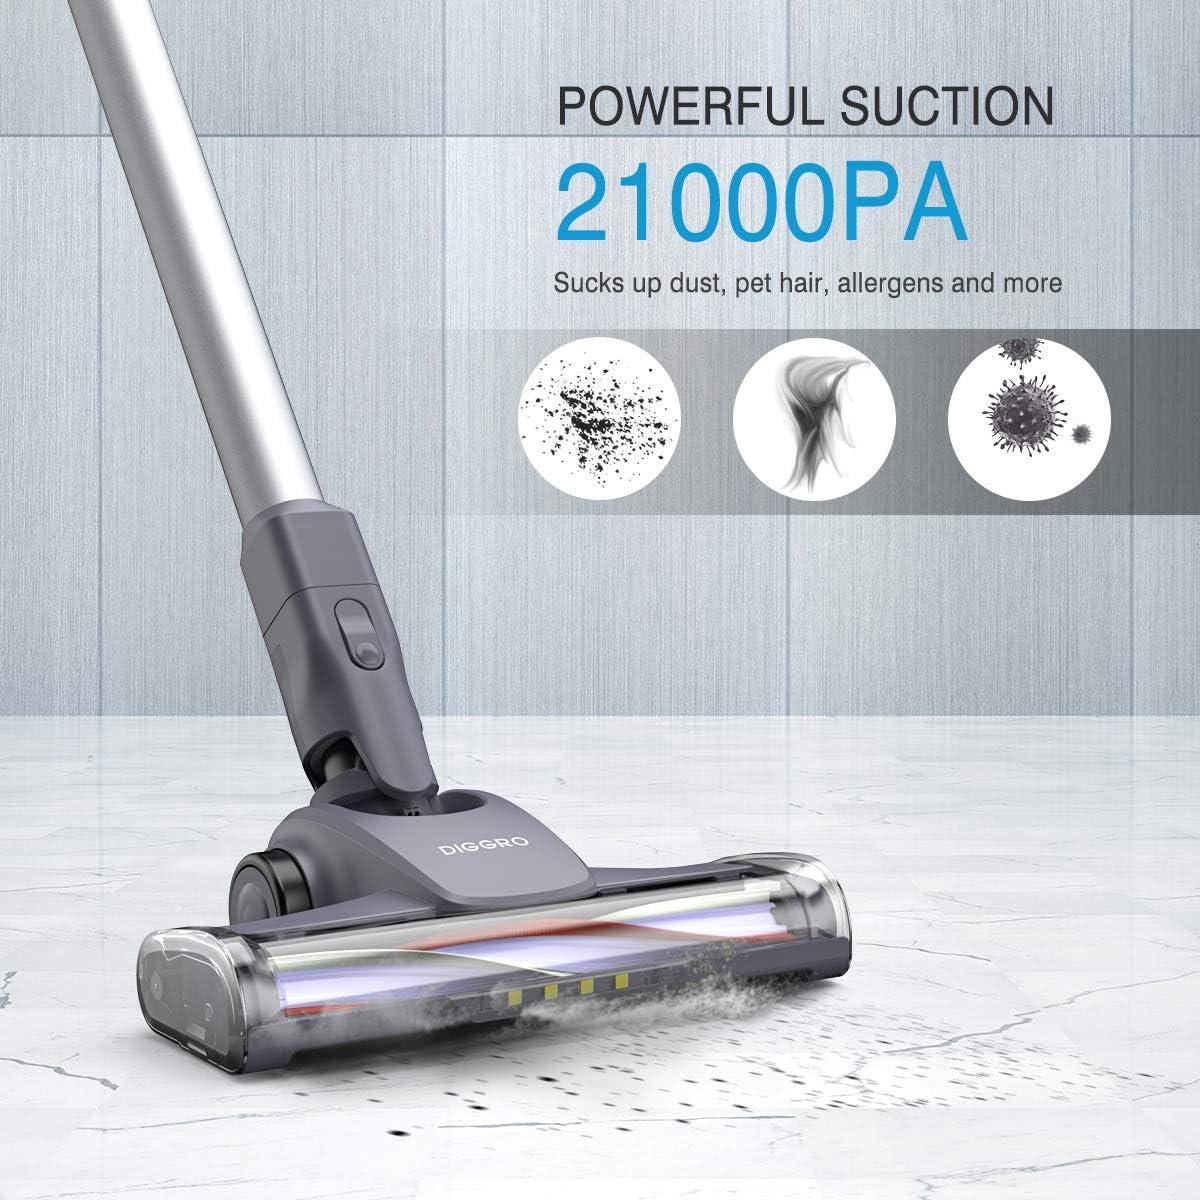 Diggro Aspirador sin Cable Potente 21KPa, de Mano 2 en 1 con Varios Accesorios, LED Cabeza, Batería Recargable: Amazon.es: Hogar